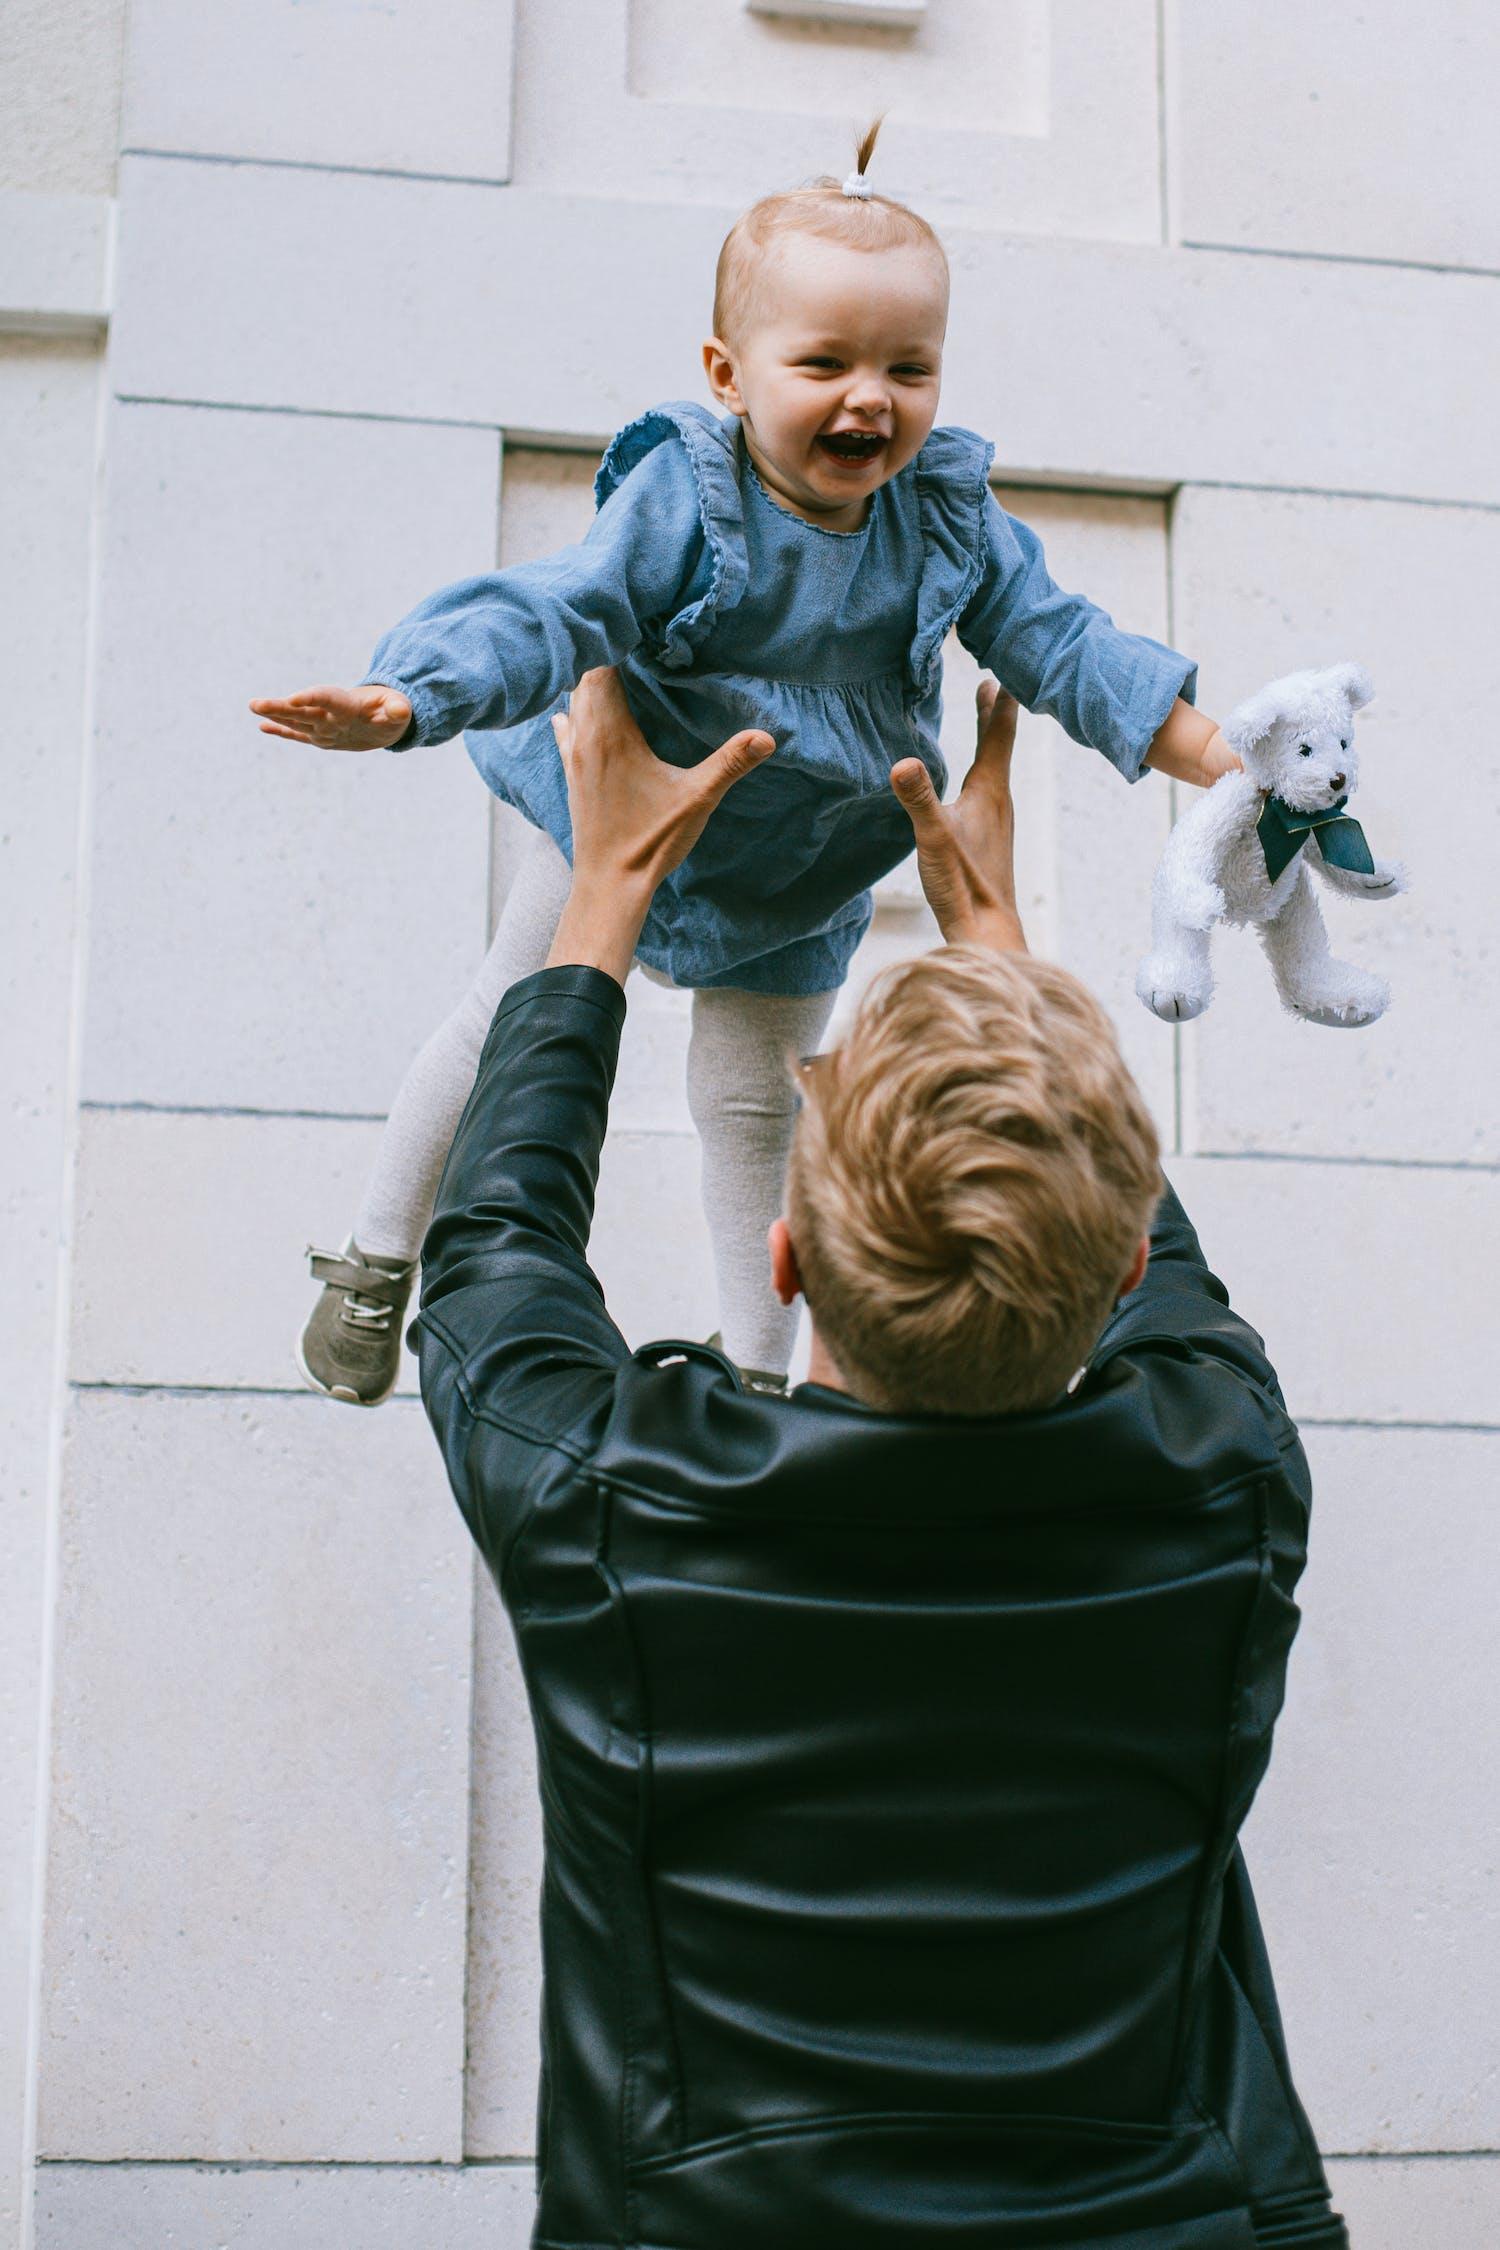 Jouer à l'avion avec son bébé